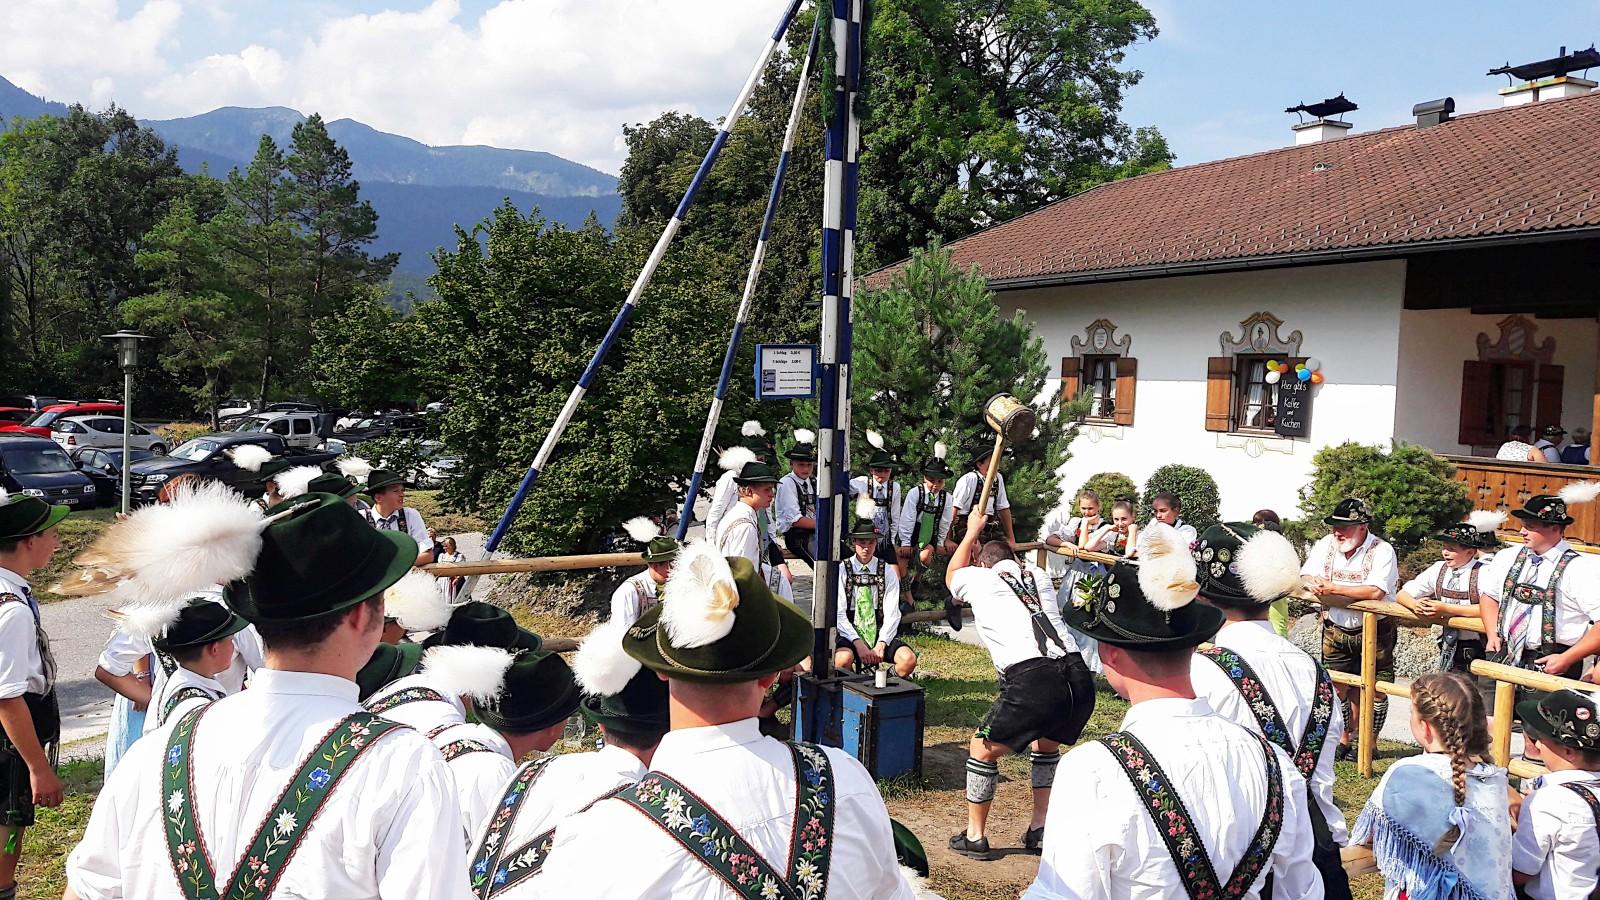 Hau den Lukas beim Gaujugendfest der Oberländer Trachtenvereinigung in Partenkirchen